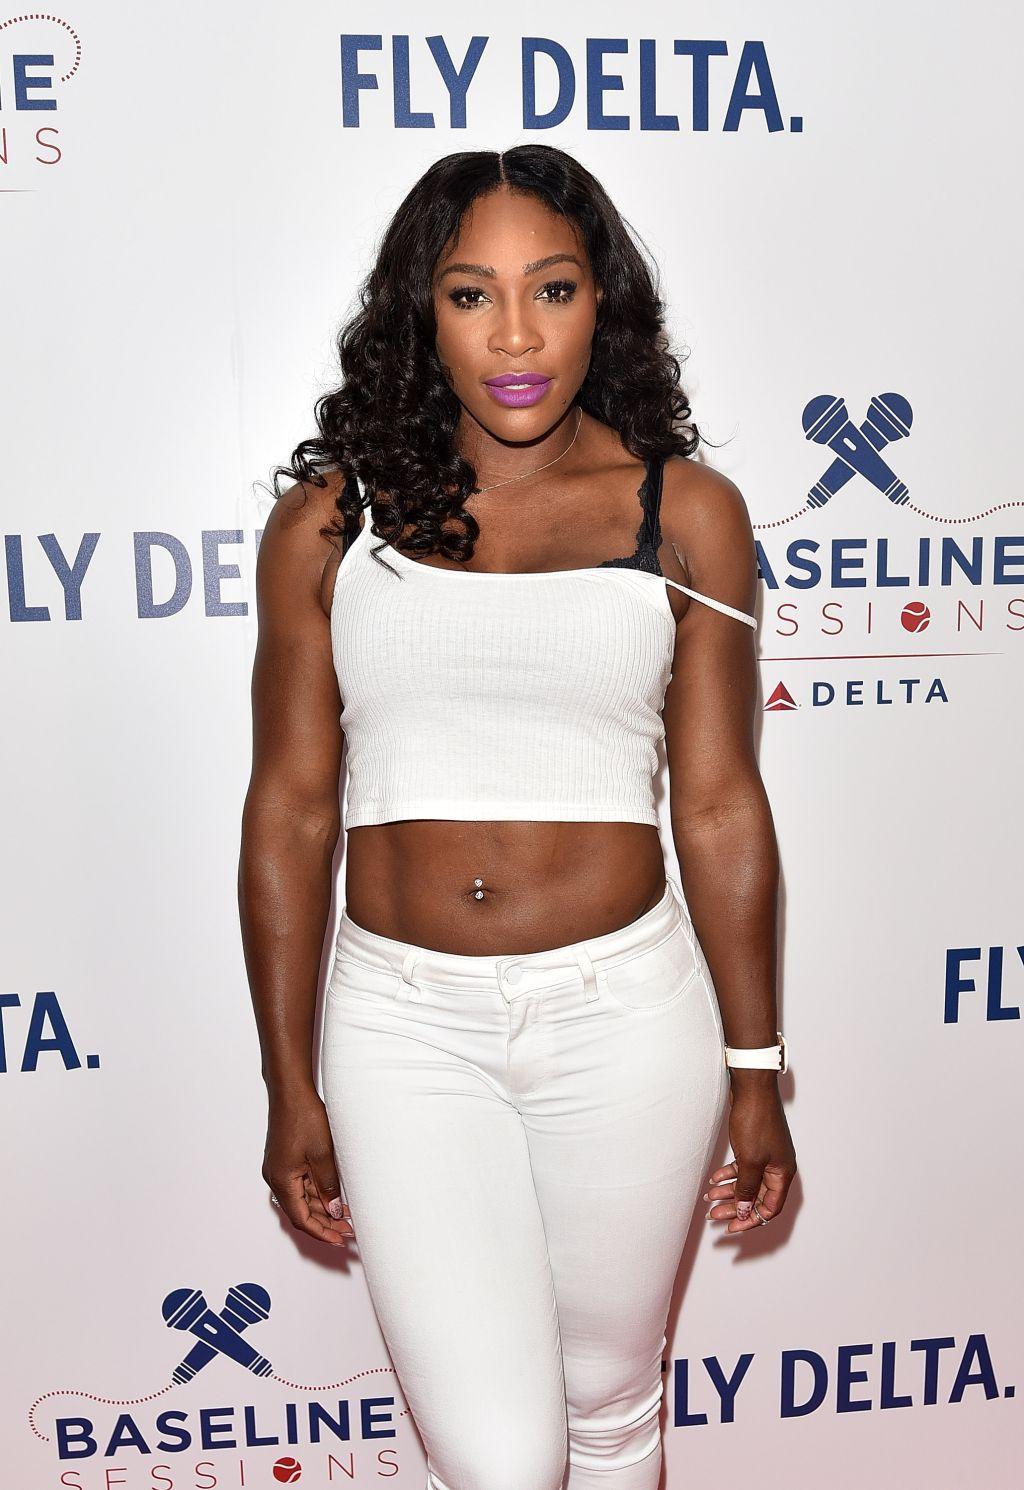 Serena Williams + Delta Baseline Sessions